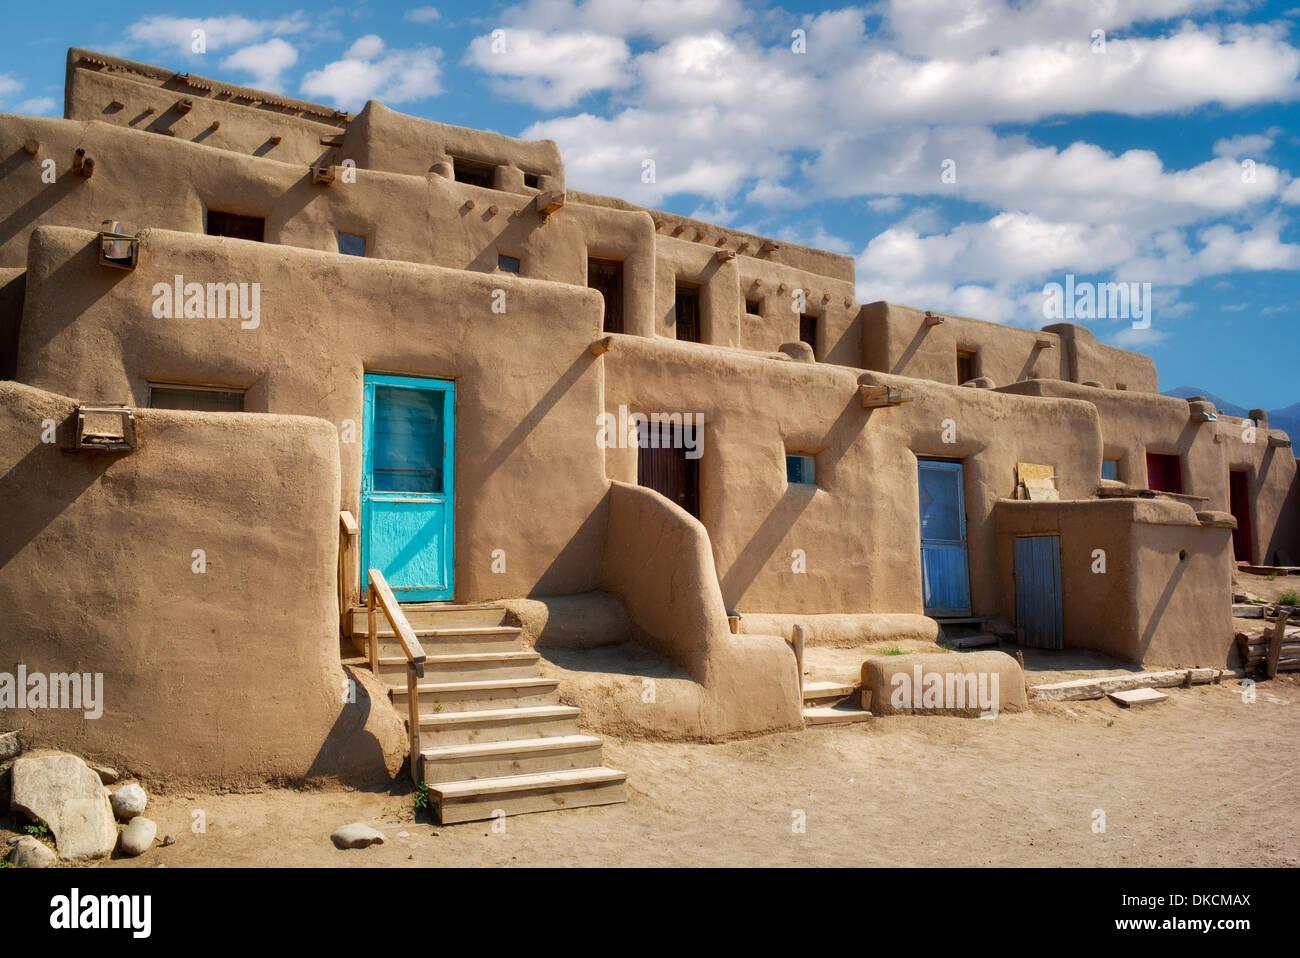 Des structures d'habitation dans la région de Pueblo de Taos. Taos, Nouveau Mexique Photo Stock